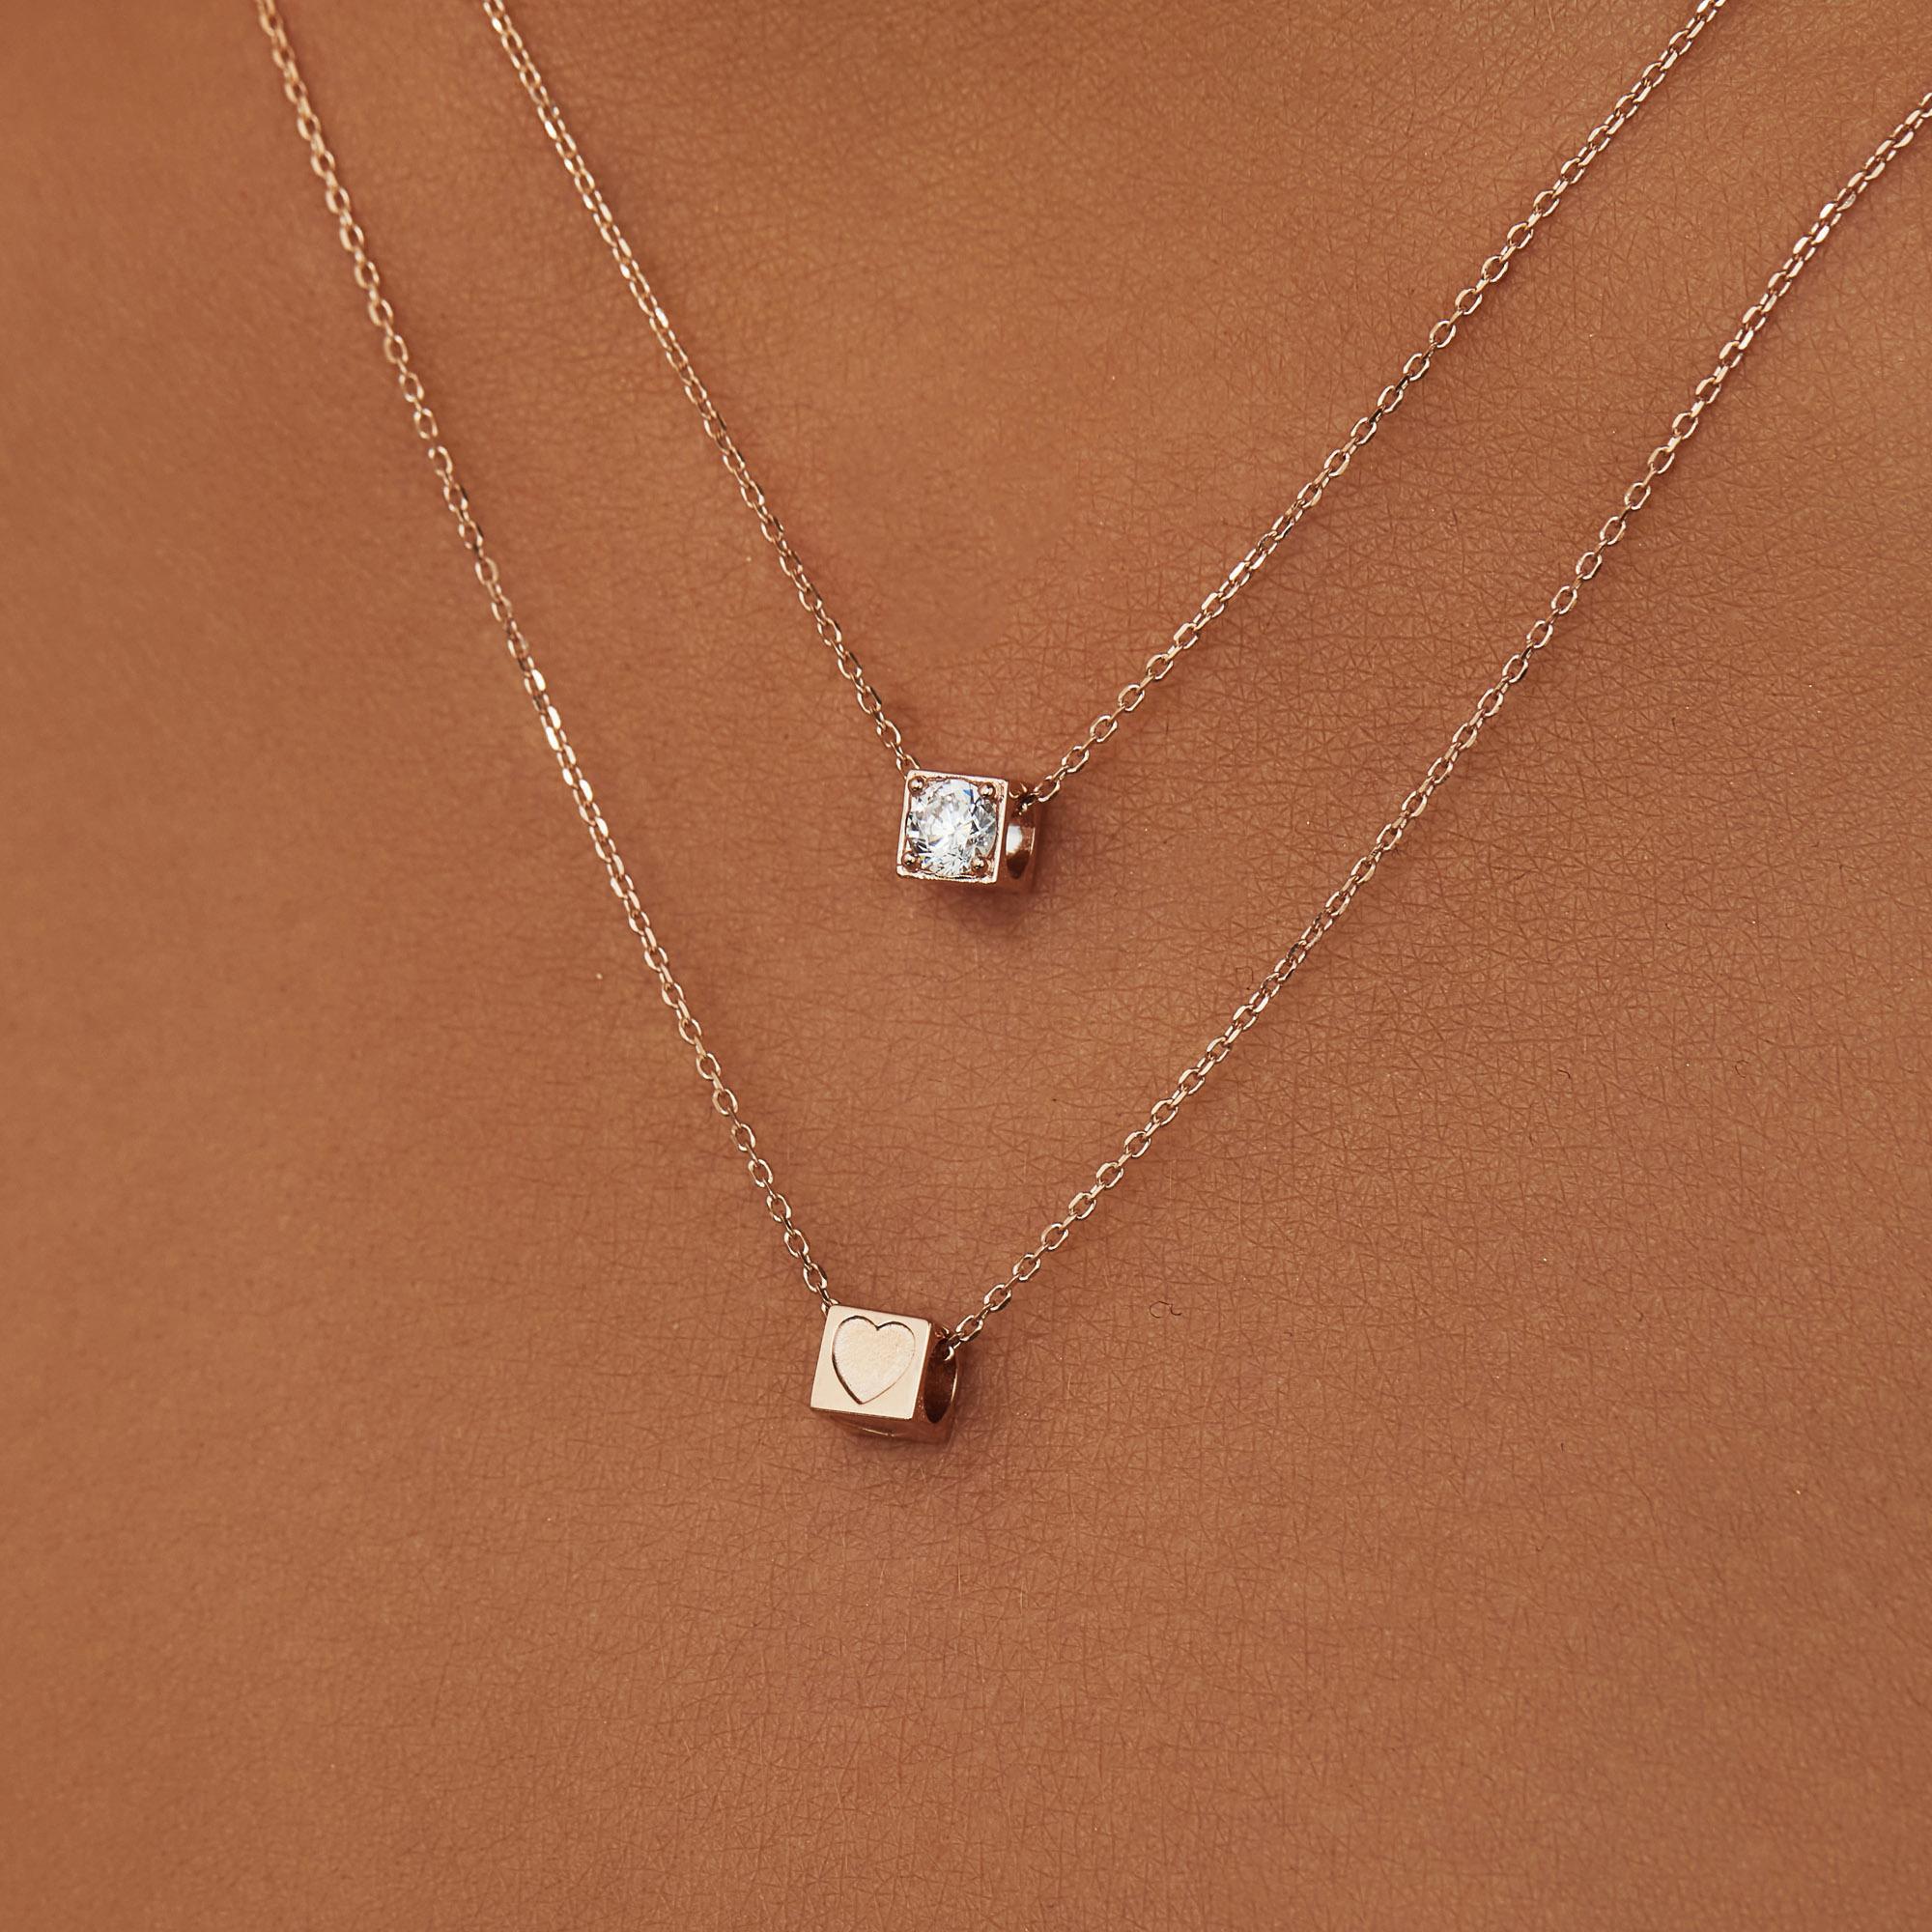 Isabel Bernard La Concorde Felie 14 karaat rosé gouden kubus bedel met hartje